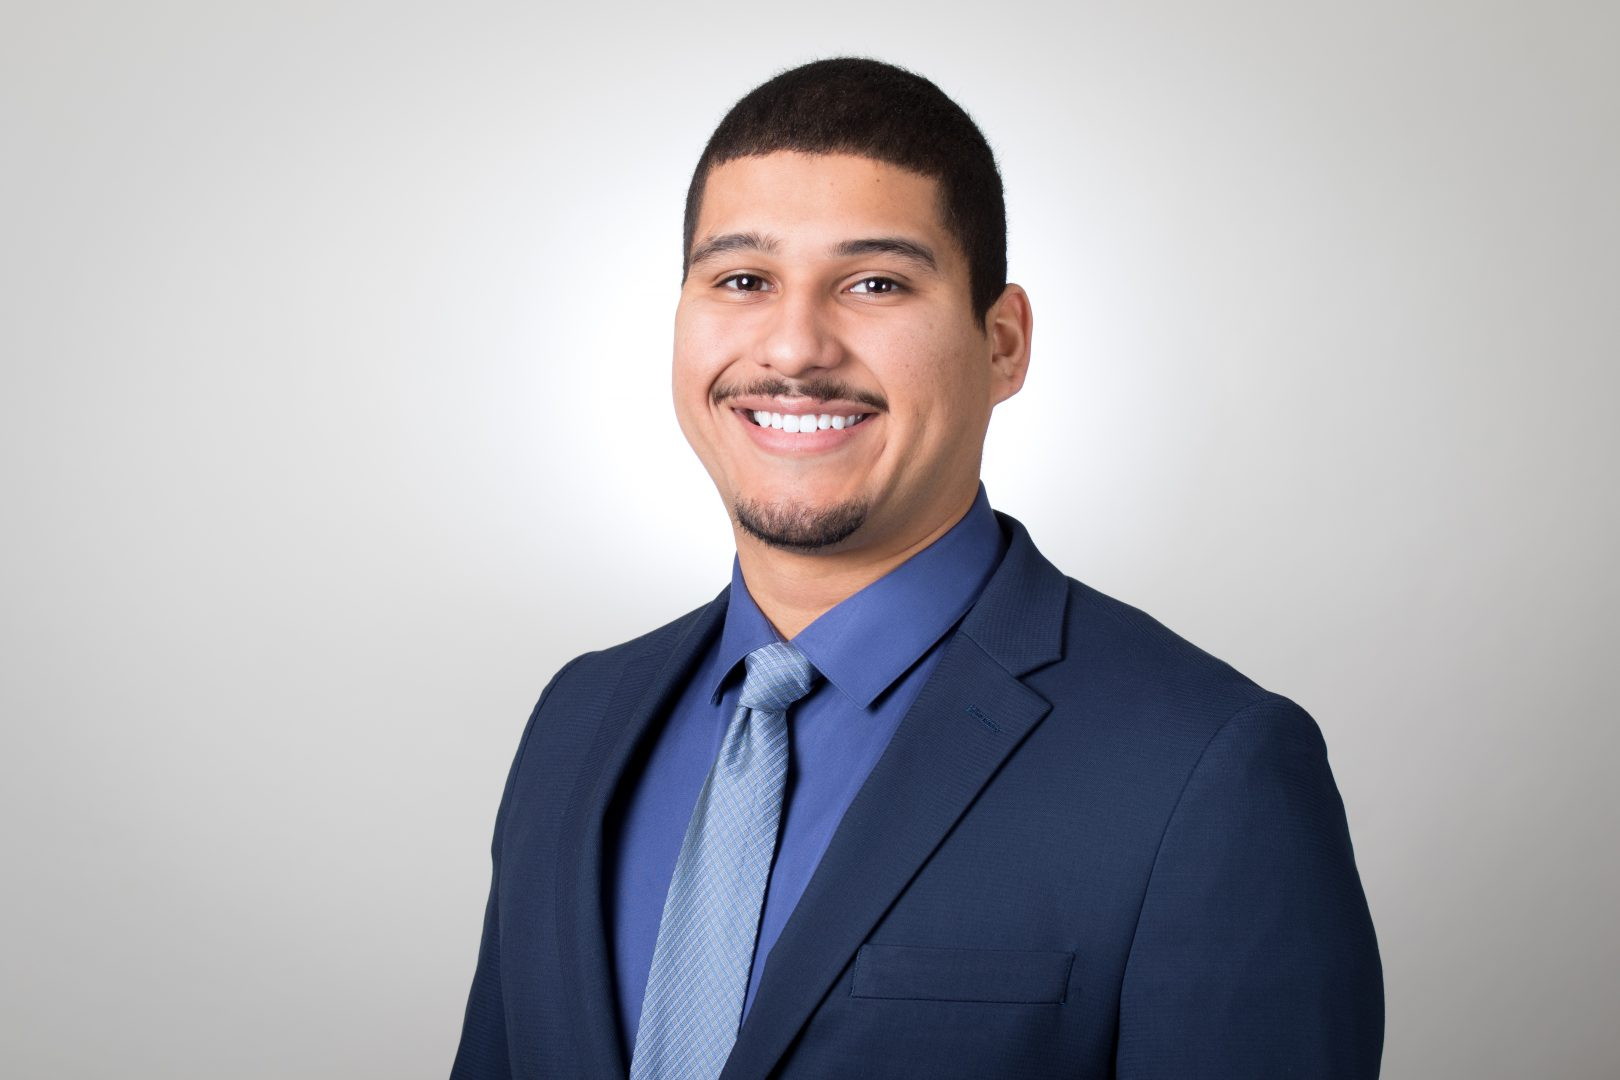 Ricky Erazo